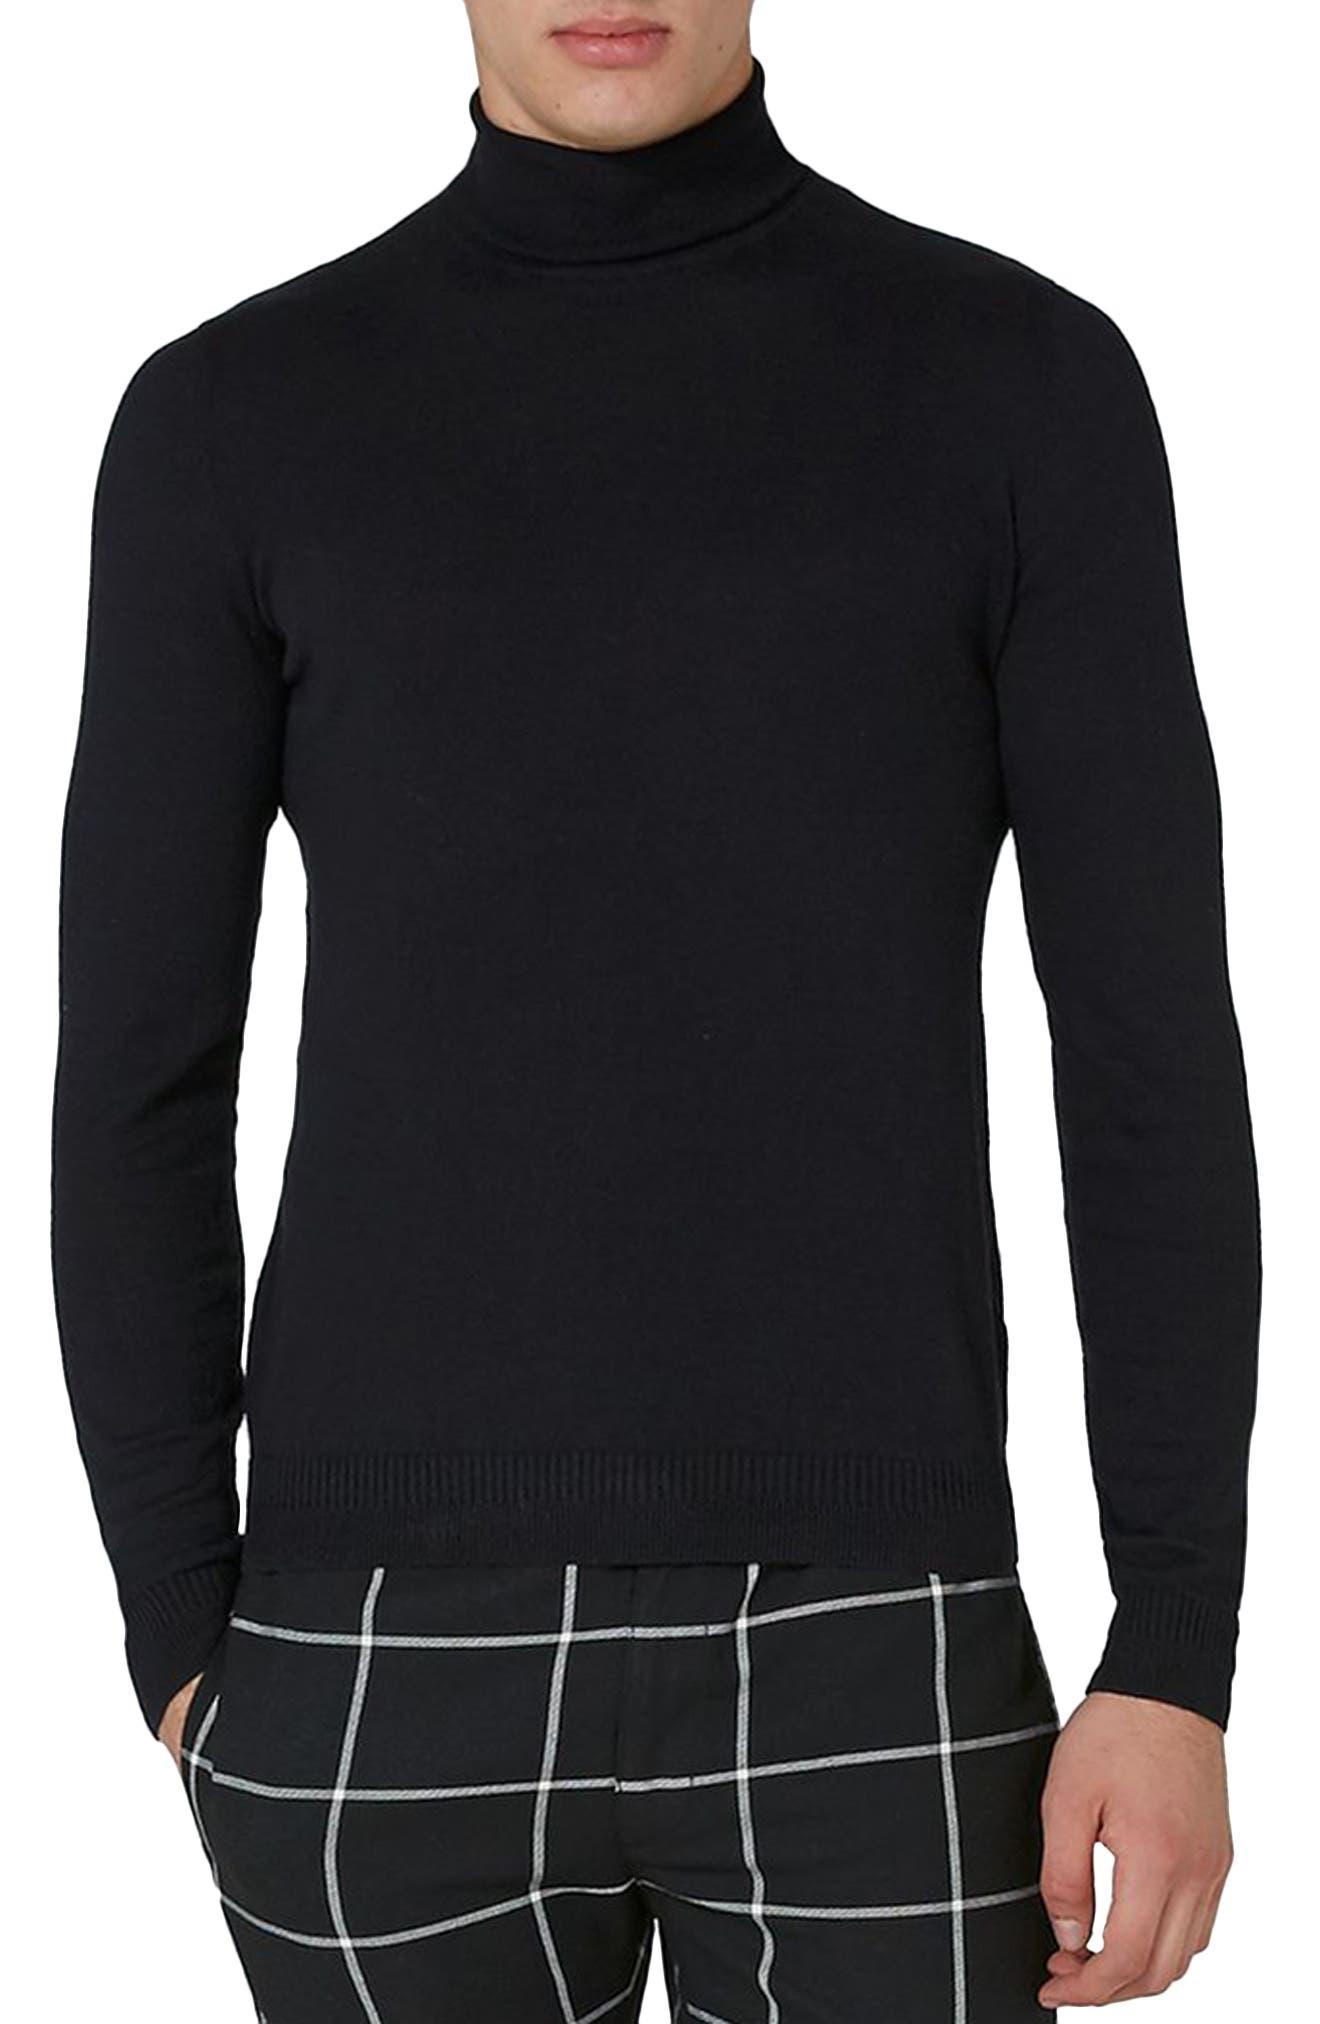 Cotton Turtleneck Sweater,                             Main thumbnail 1, color,                             001